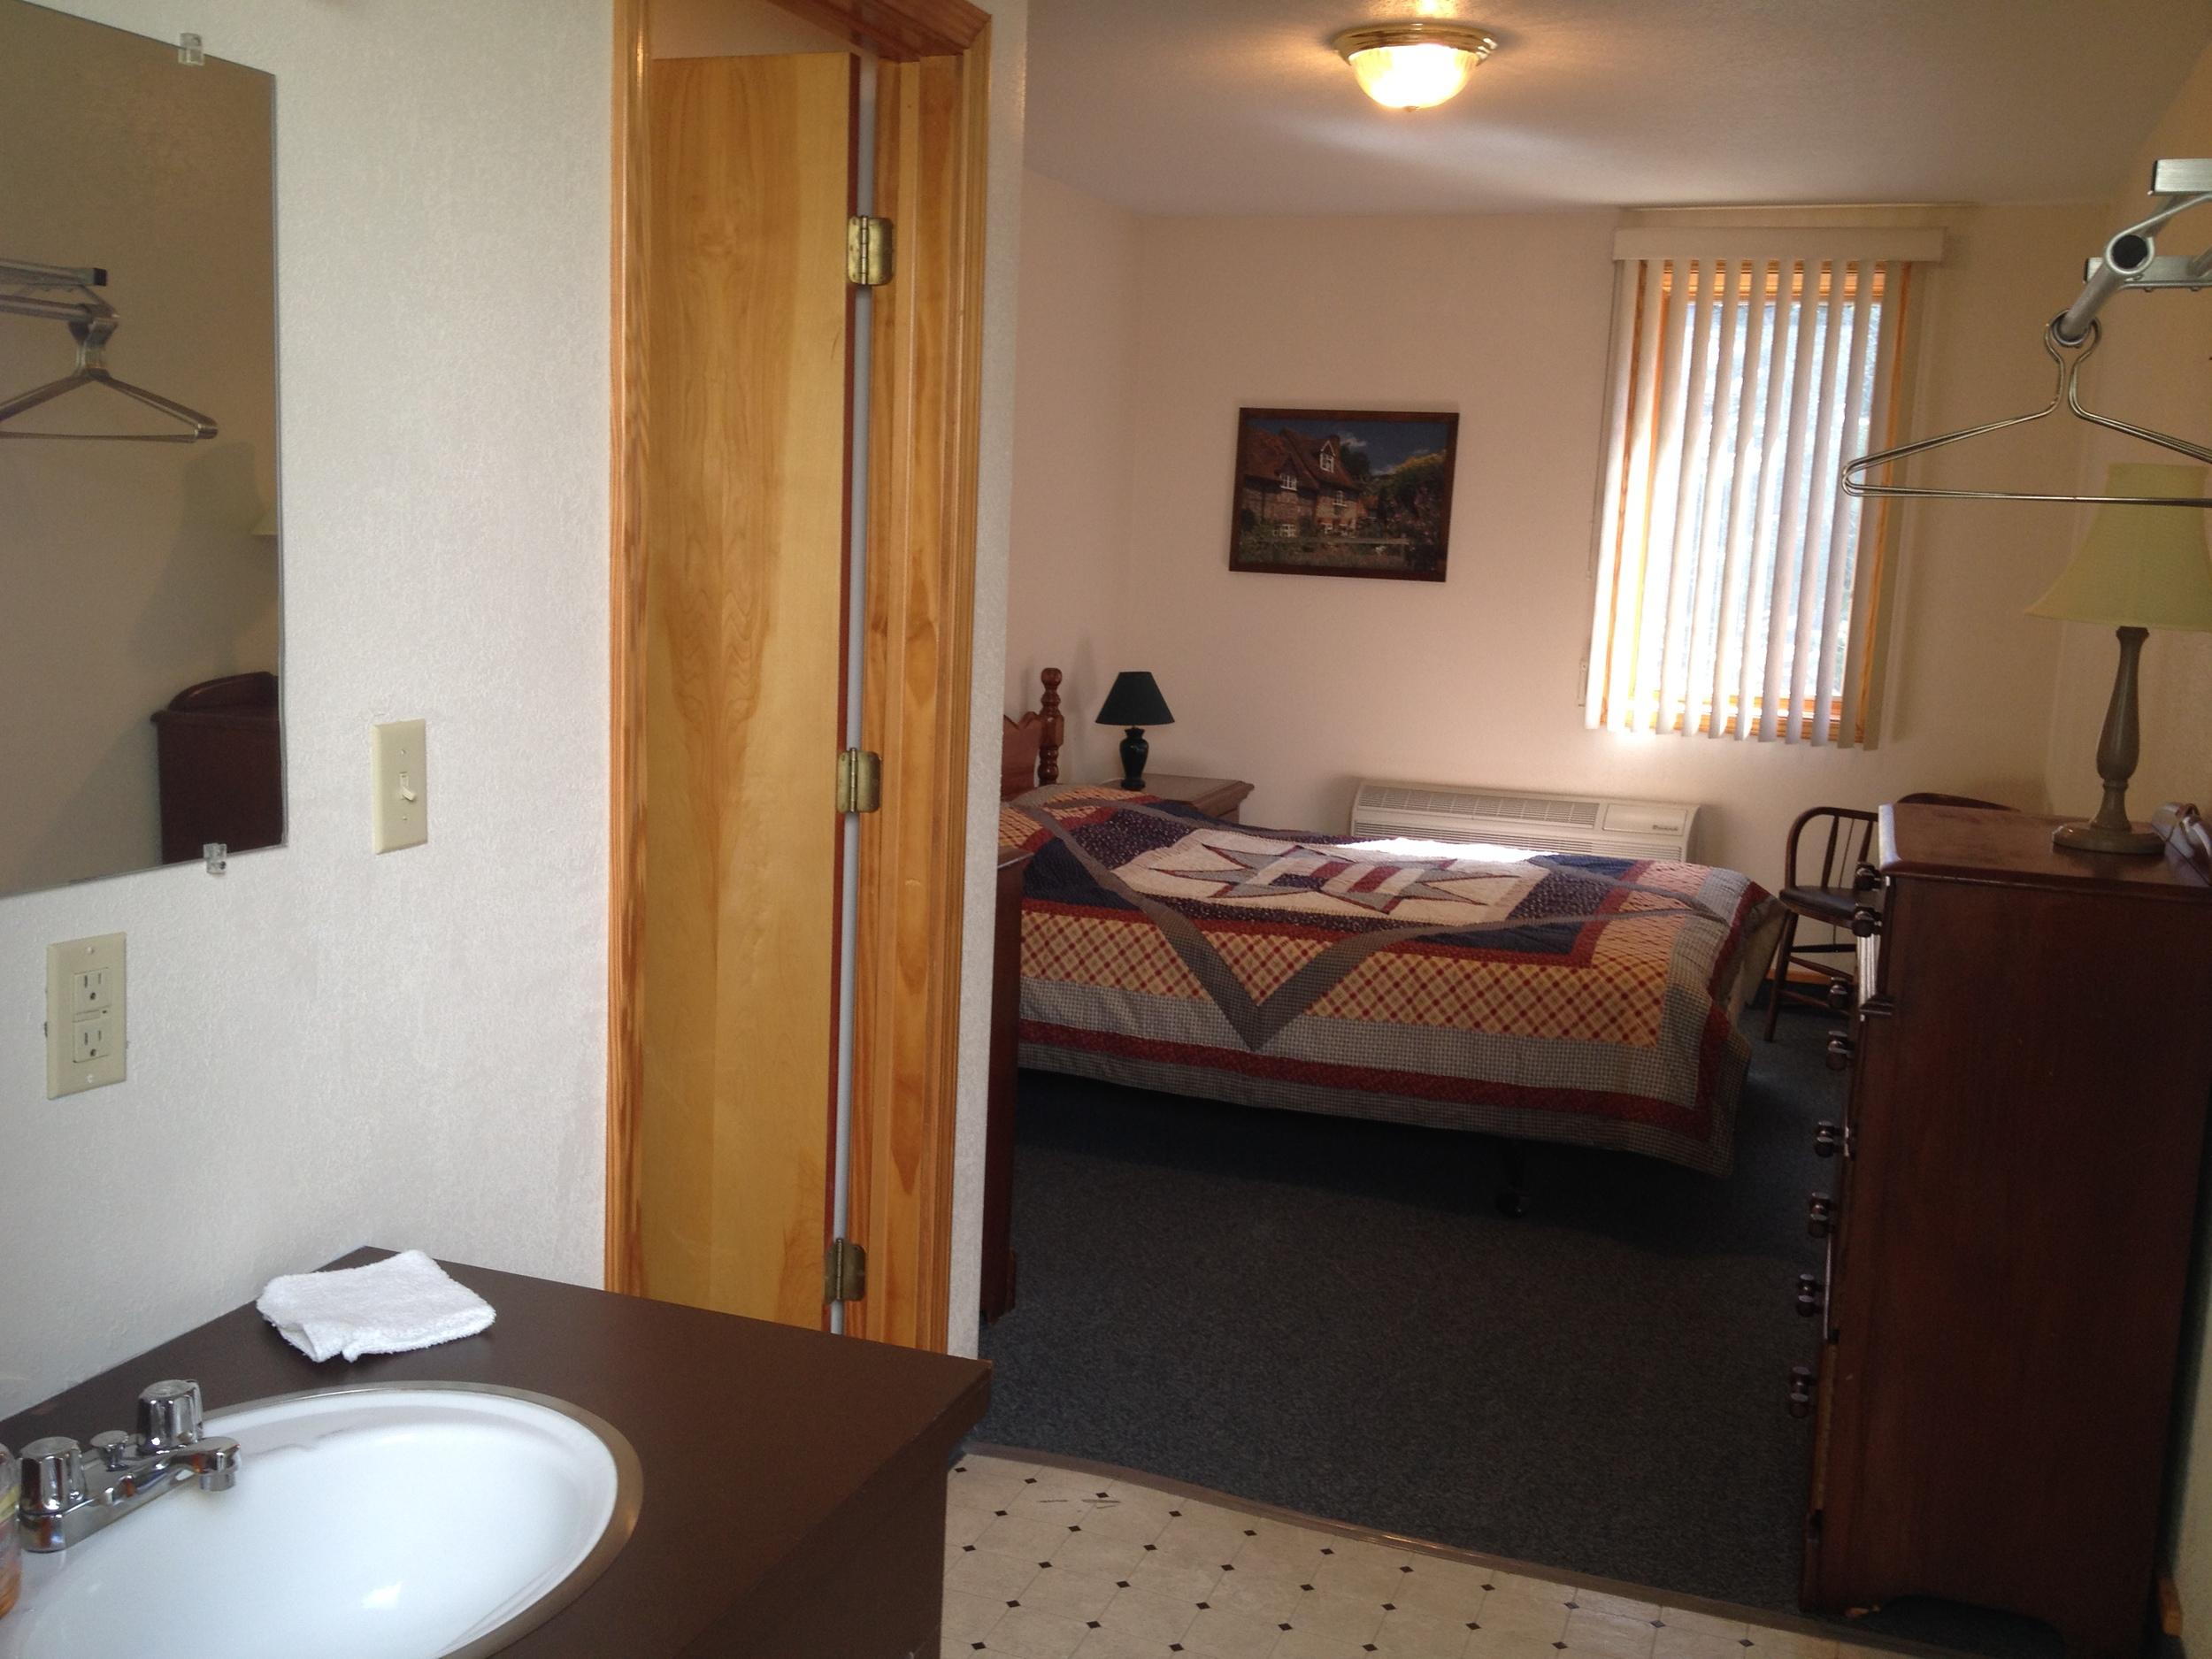 Room #2*